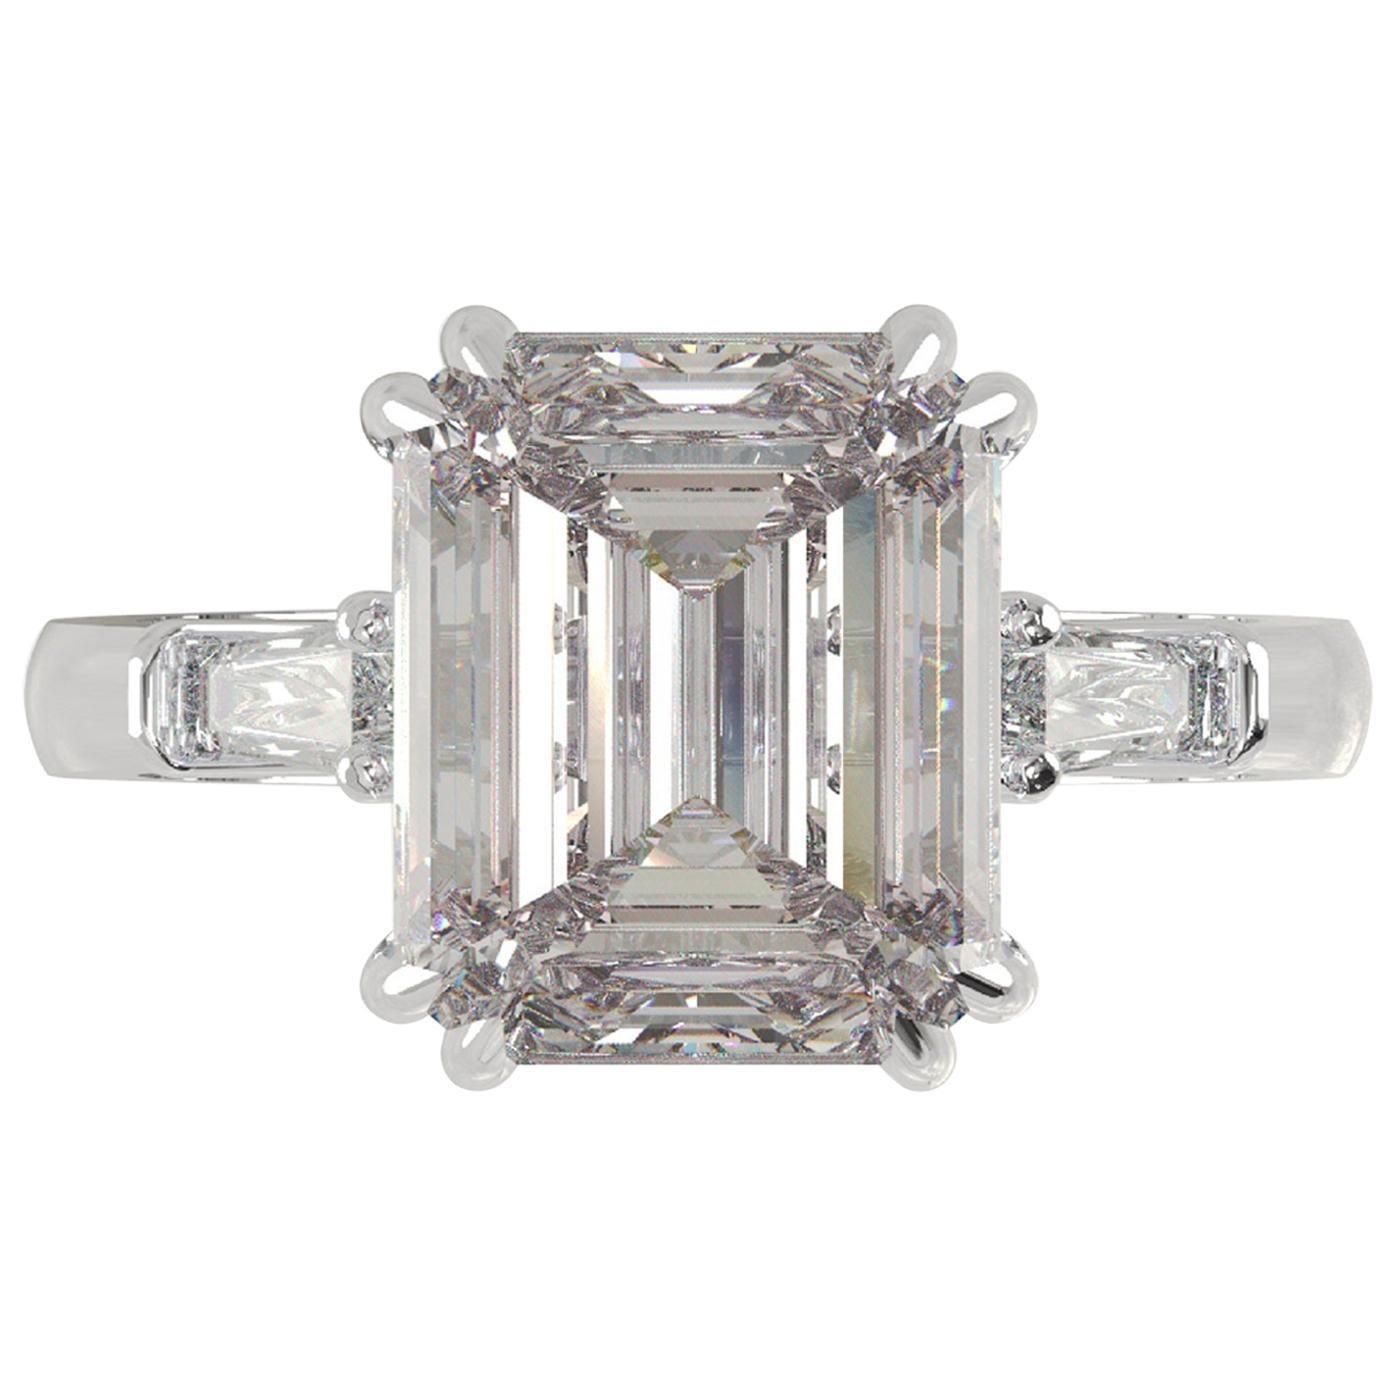 I FLAWLESS GIA Certified 2.50 Carat Emerald Cut Diamond Ring